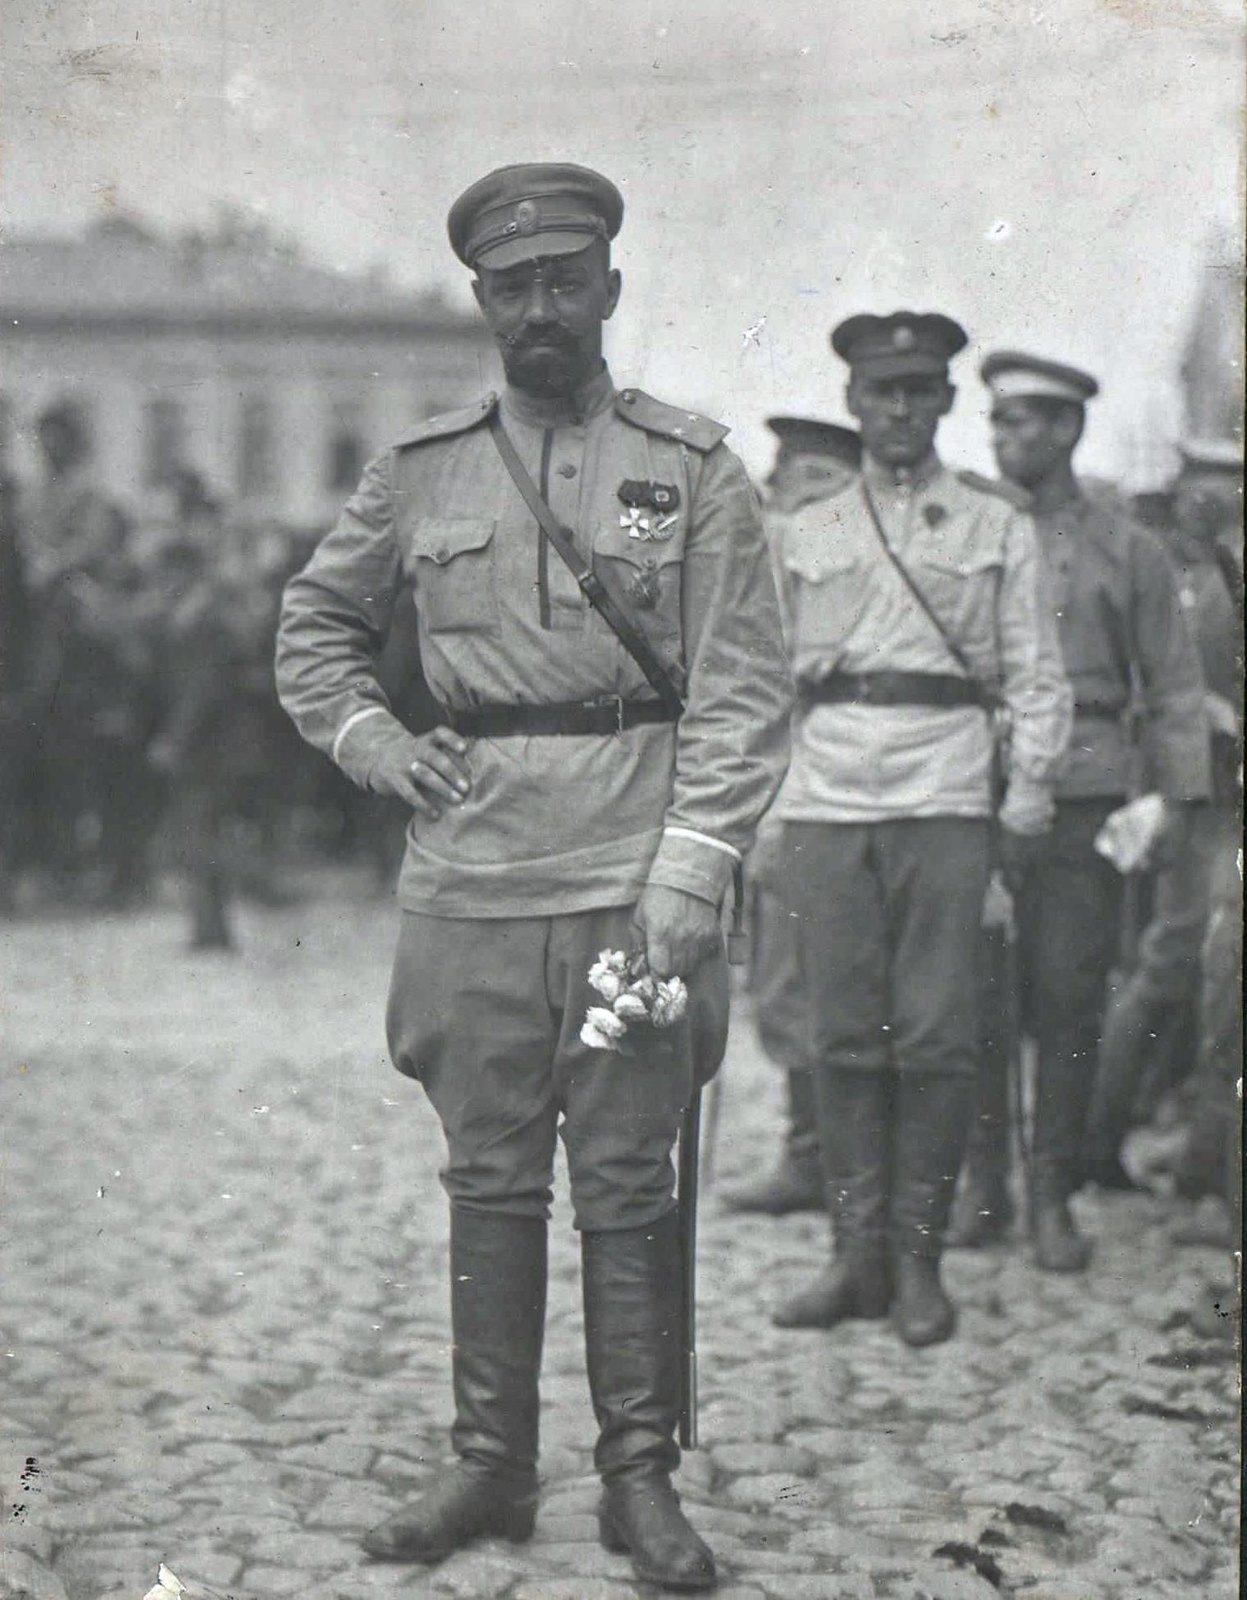 177. 1919.  Командир 1-го Армейского корпуса генерал А.П.Кутепов после парада с цветами на Соборной площади